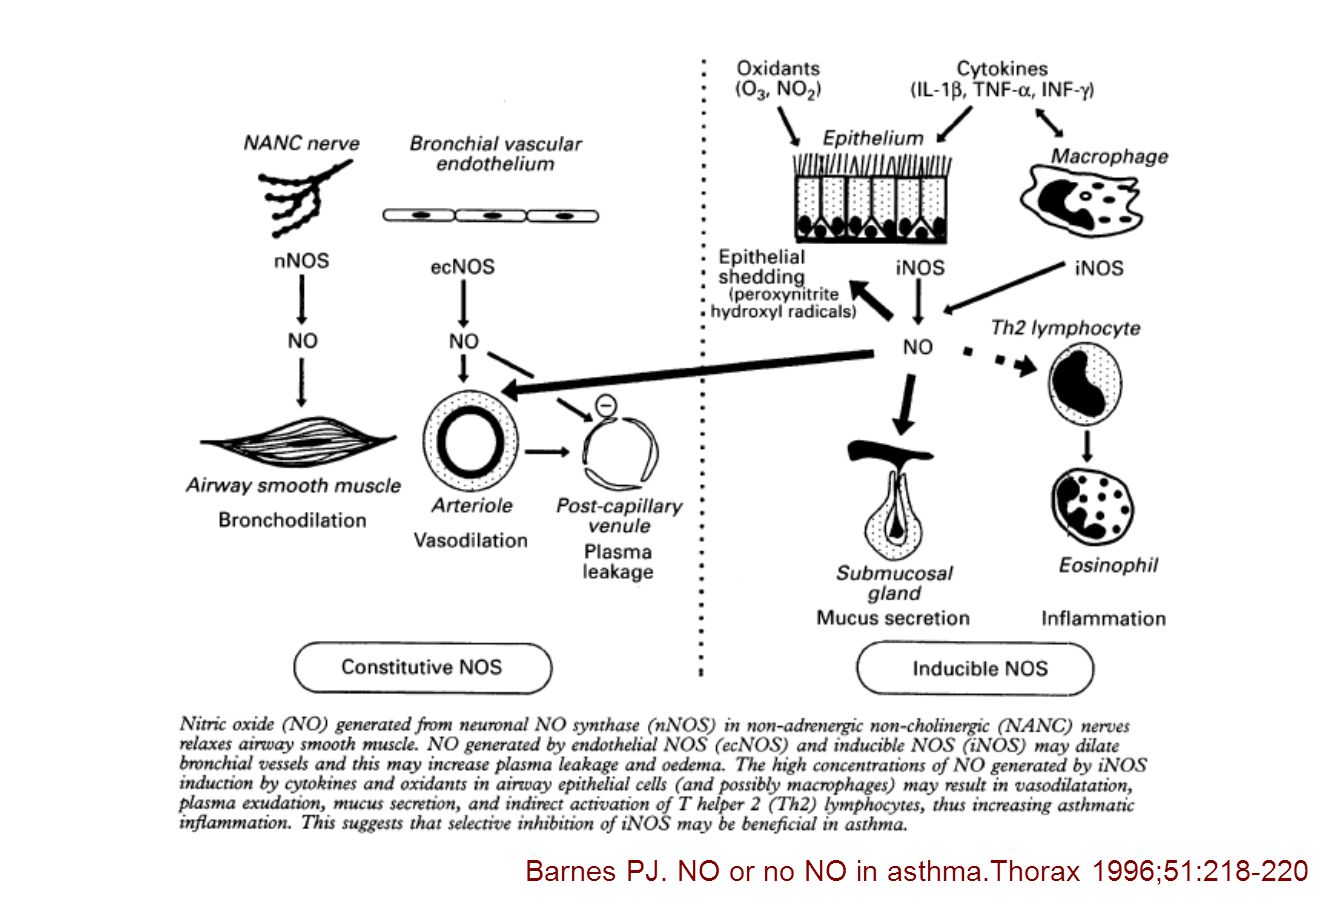 Barnes PJ. NO or no NO in asthma.Thorax 1996;51:218-220